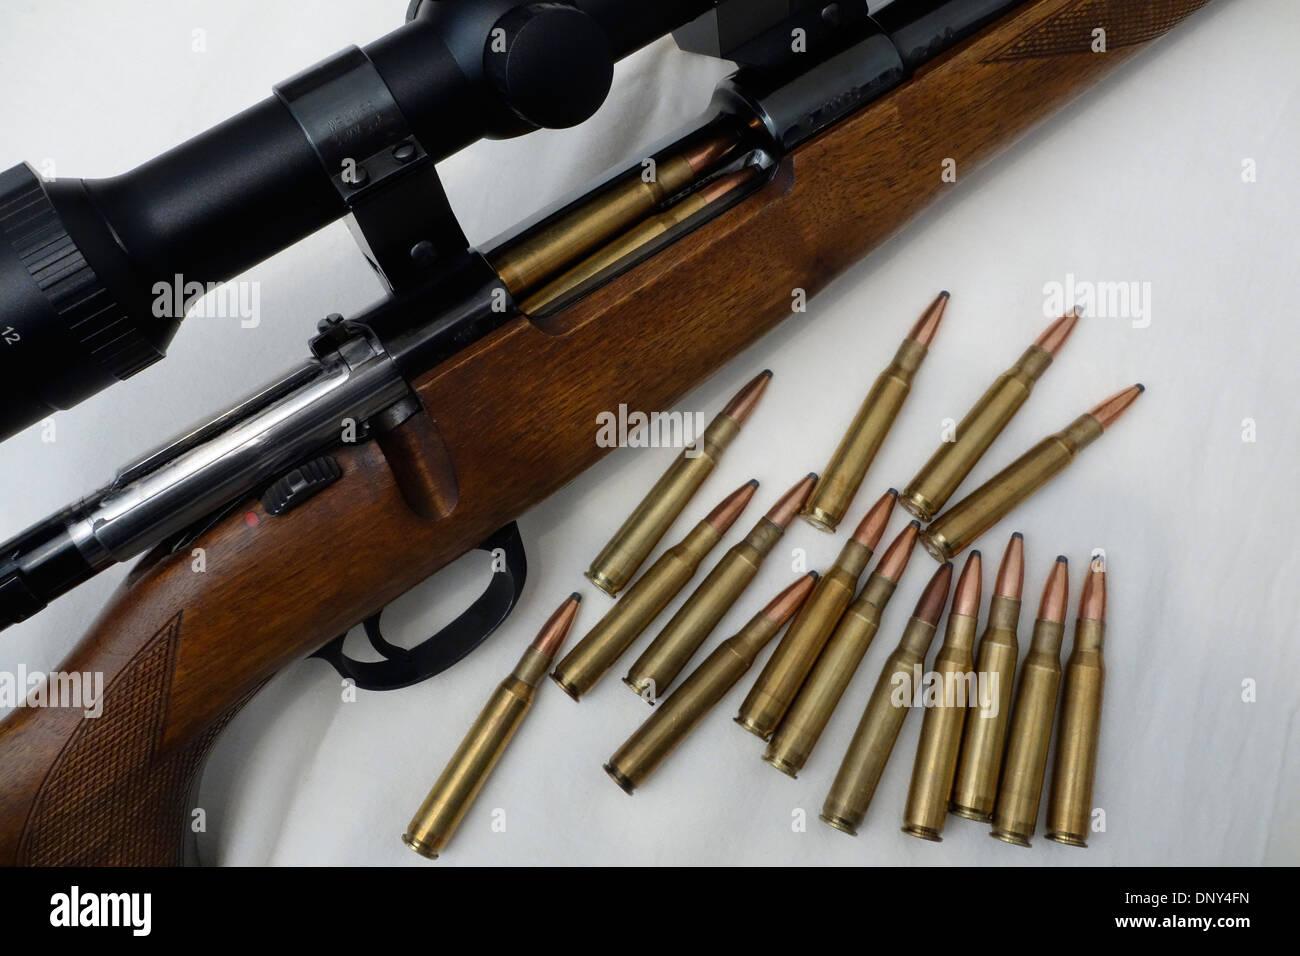 Nahaufnahme von geladenes Gewehr mit Zielfernrohr. Offenen Bolzen und Munition verstreut. Stockbild